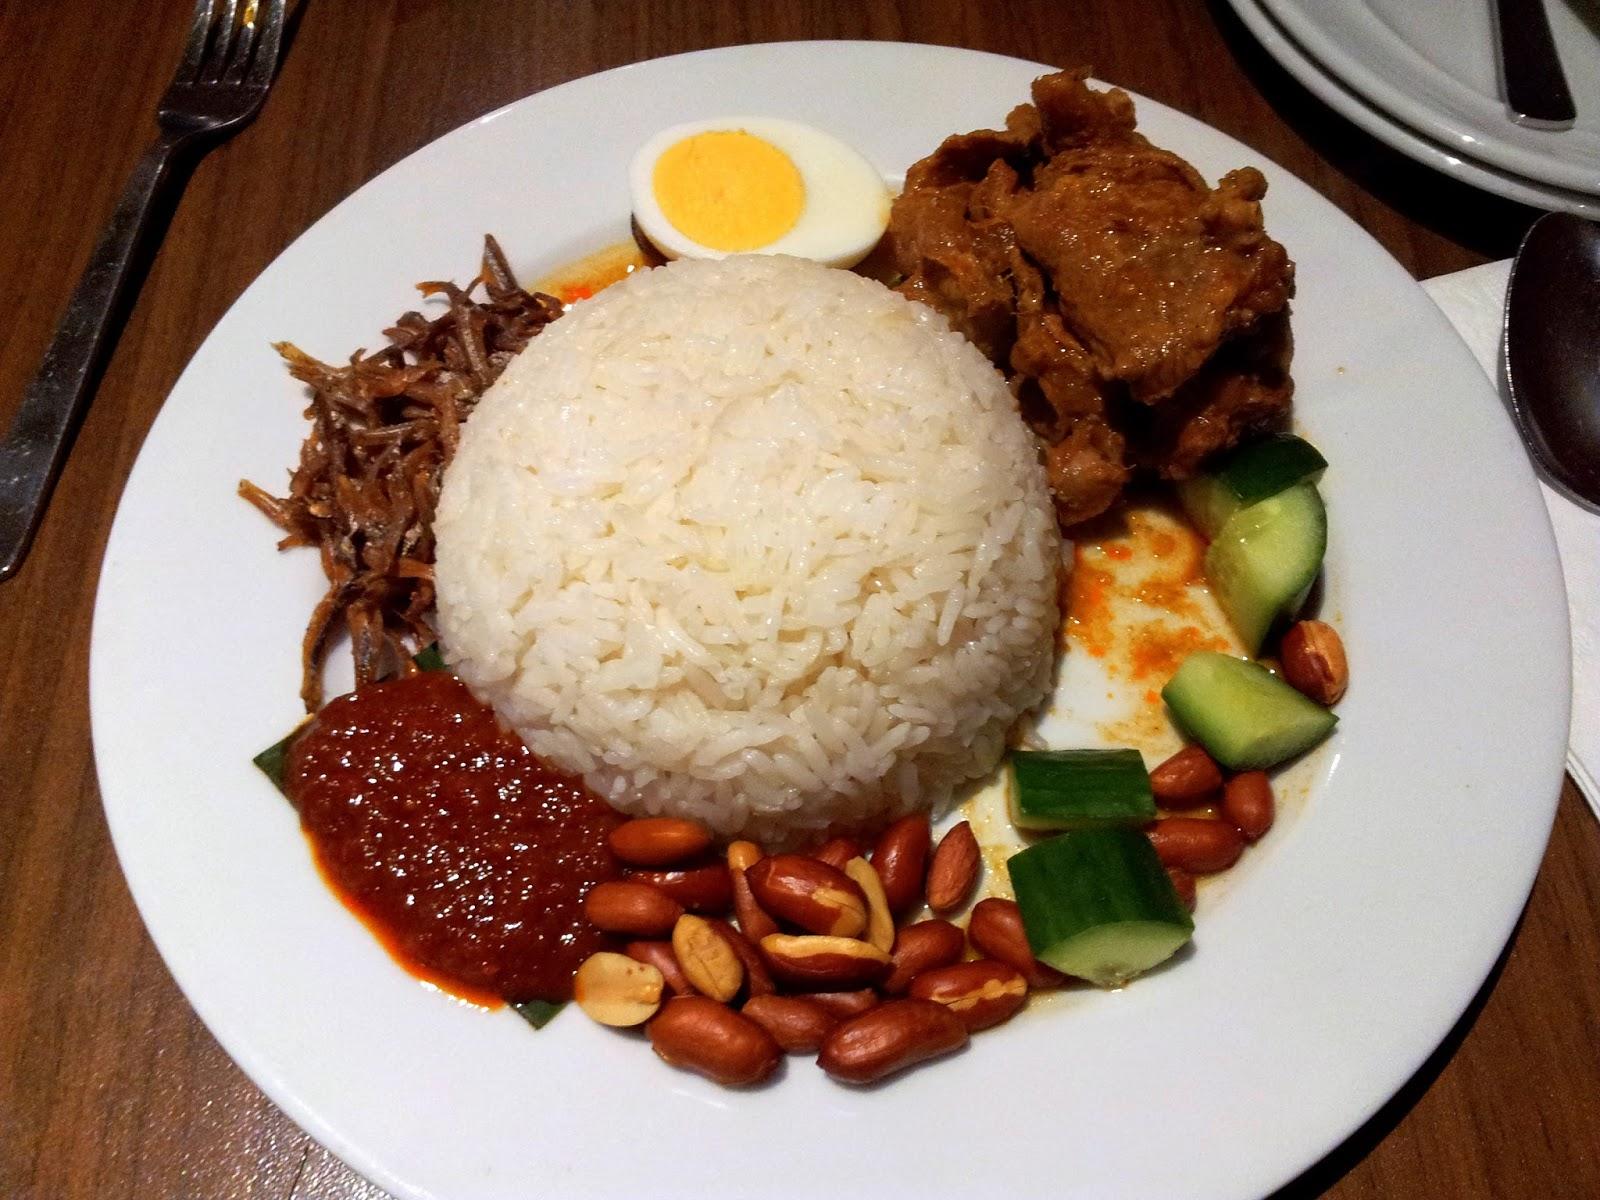 Malaysia Signature Food Nasi Lemak Dish